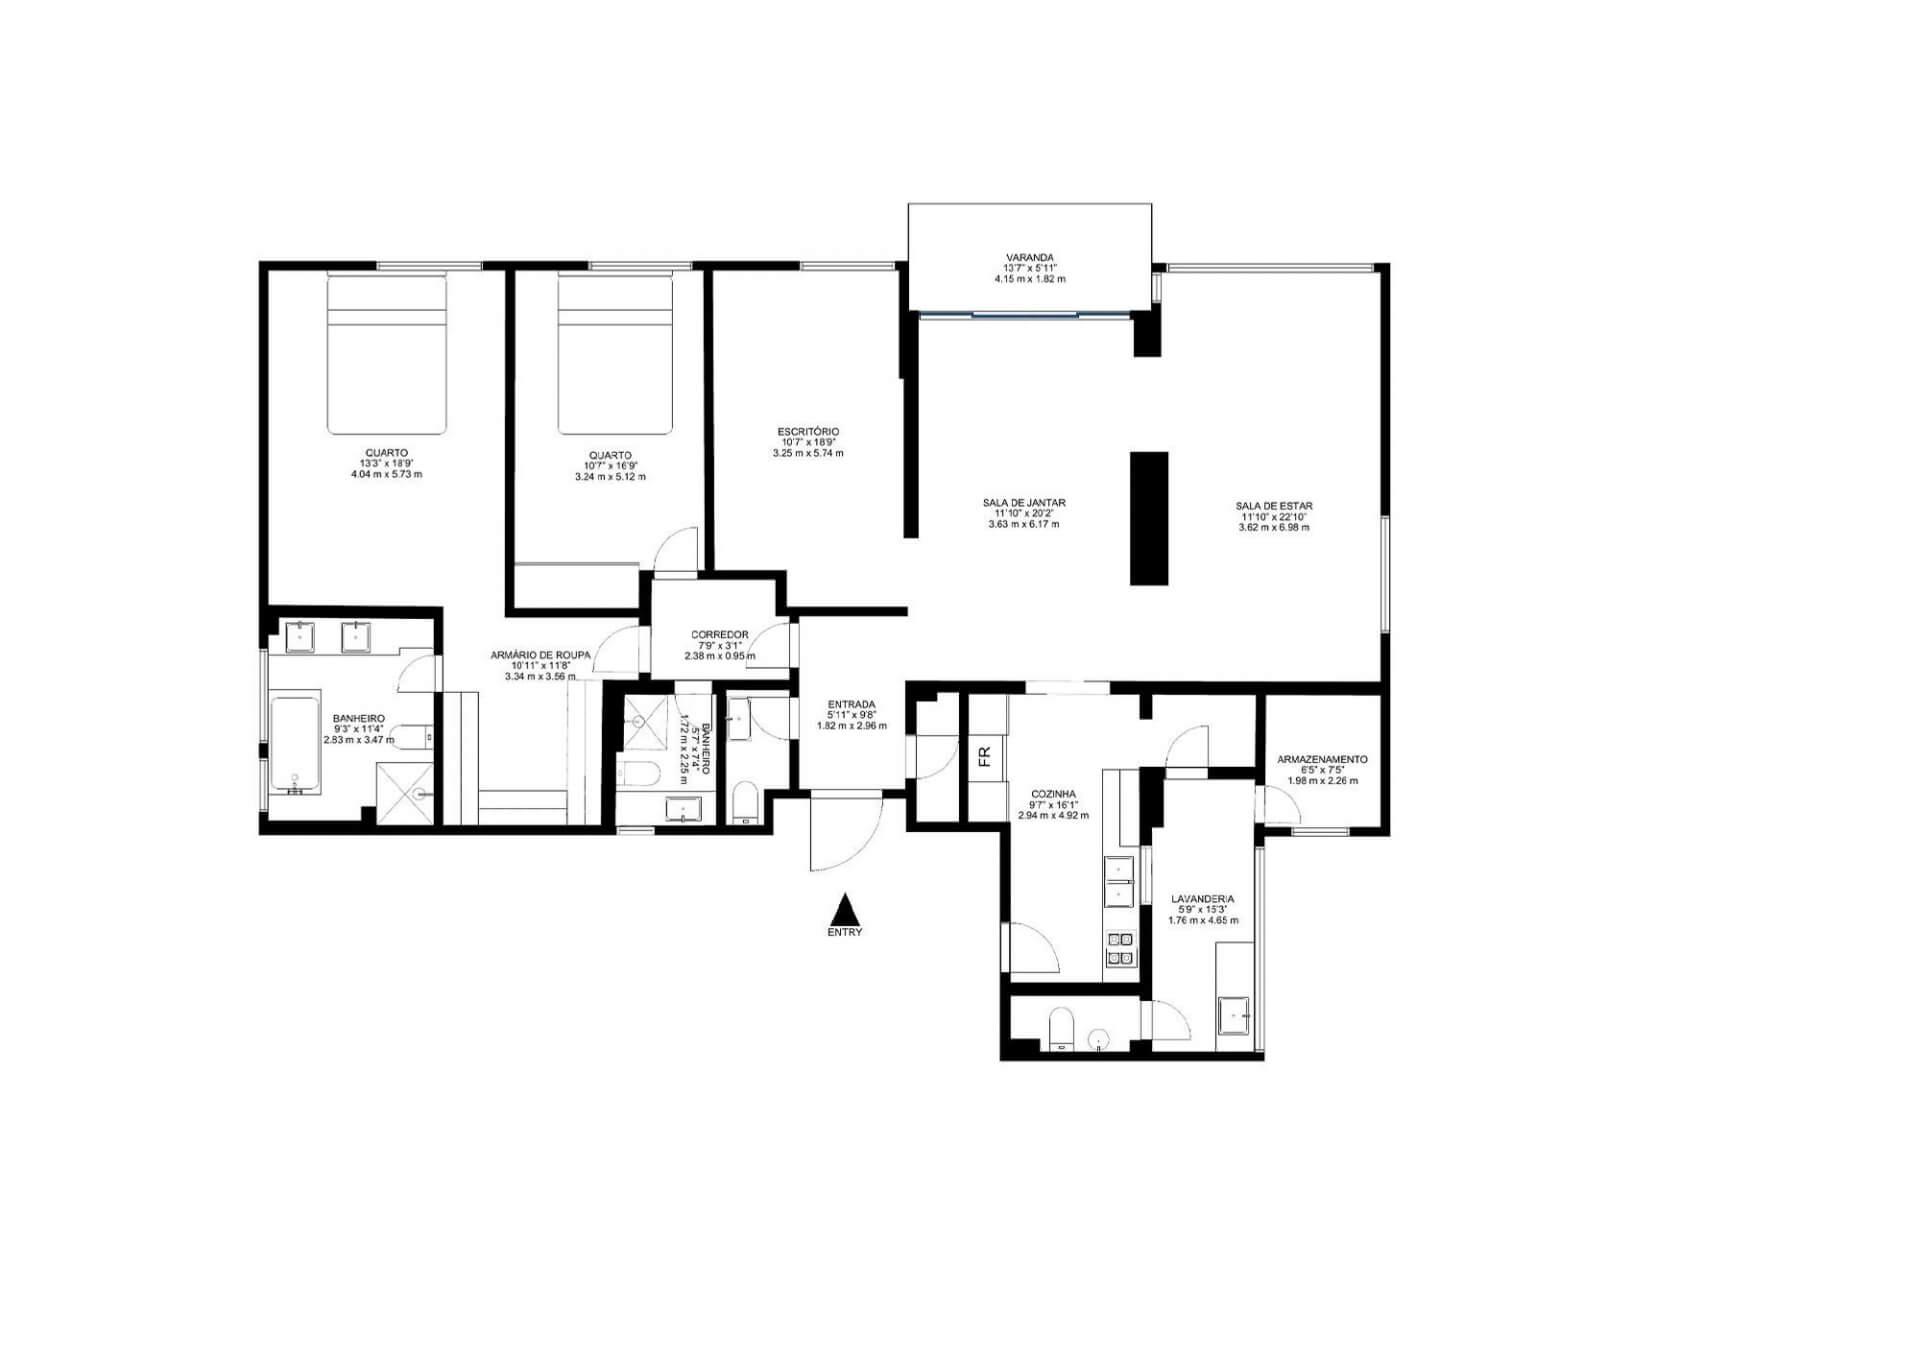 206 M² - 2 QUARTOS, SENDO 1 SUÍTE. (Apartamento 401, 4º andar).